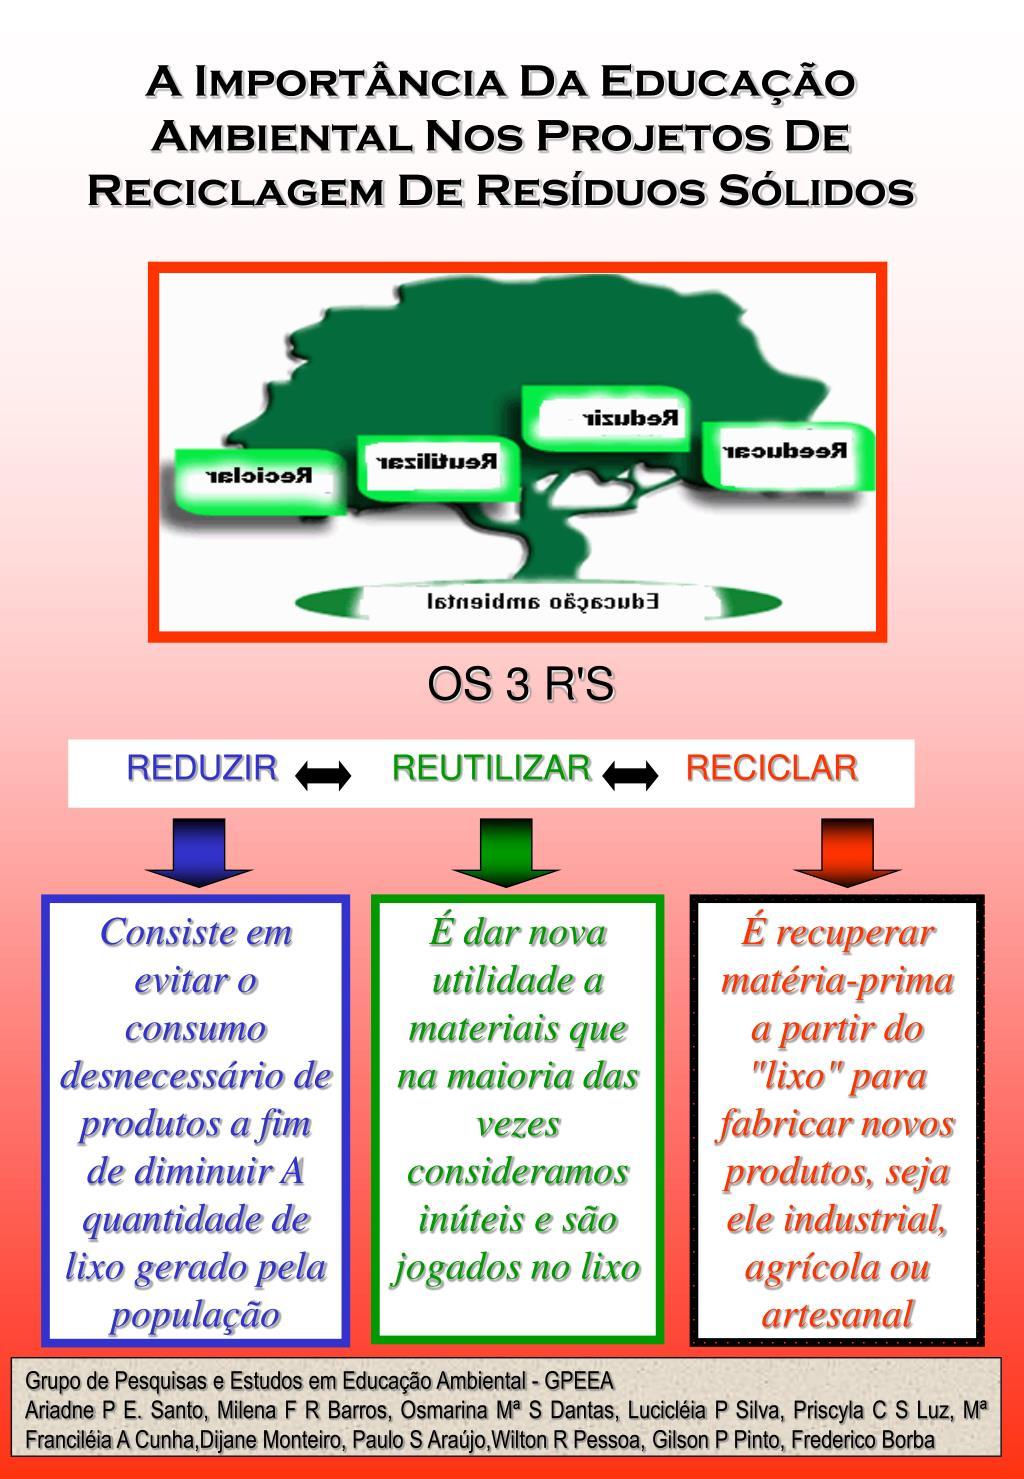 A Importância Da Educação Ambiental Nos Projetos De Reciclagem De Resíduos Sólidos